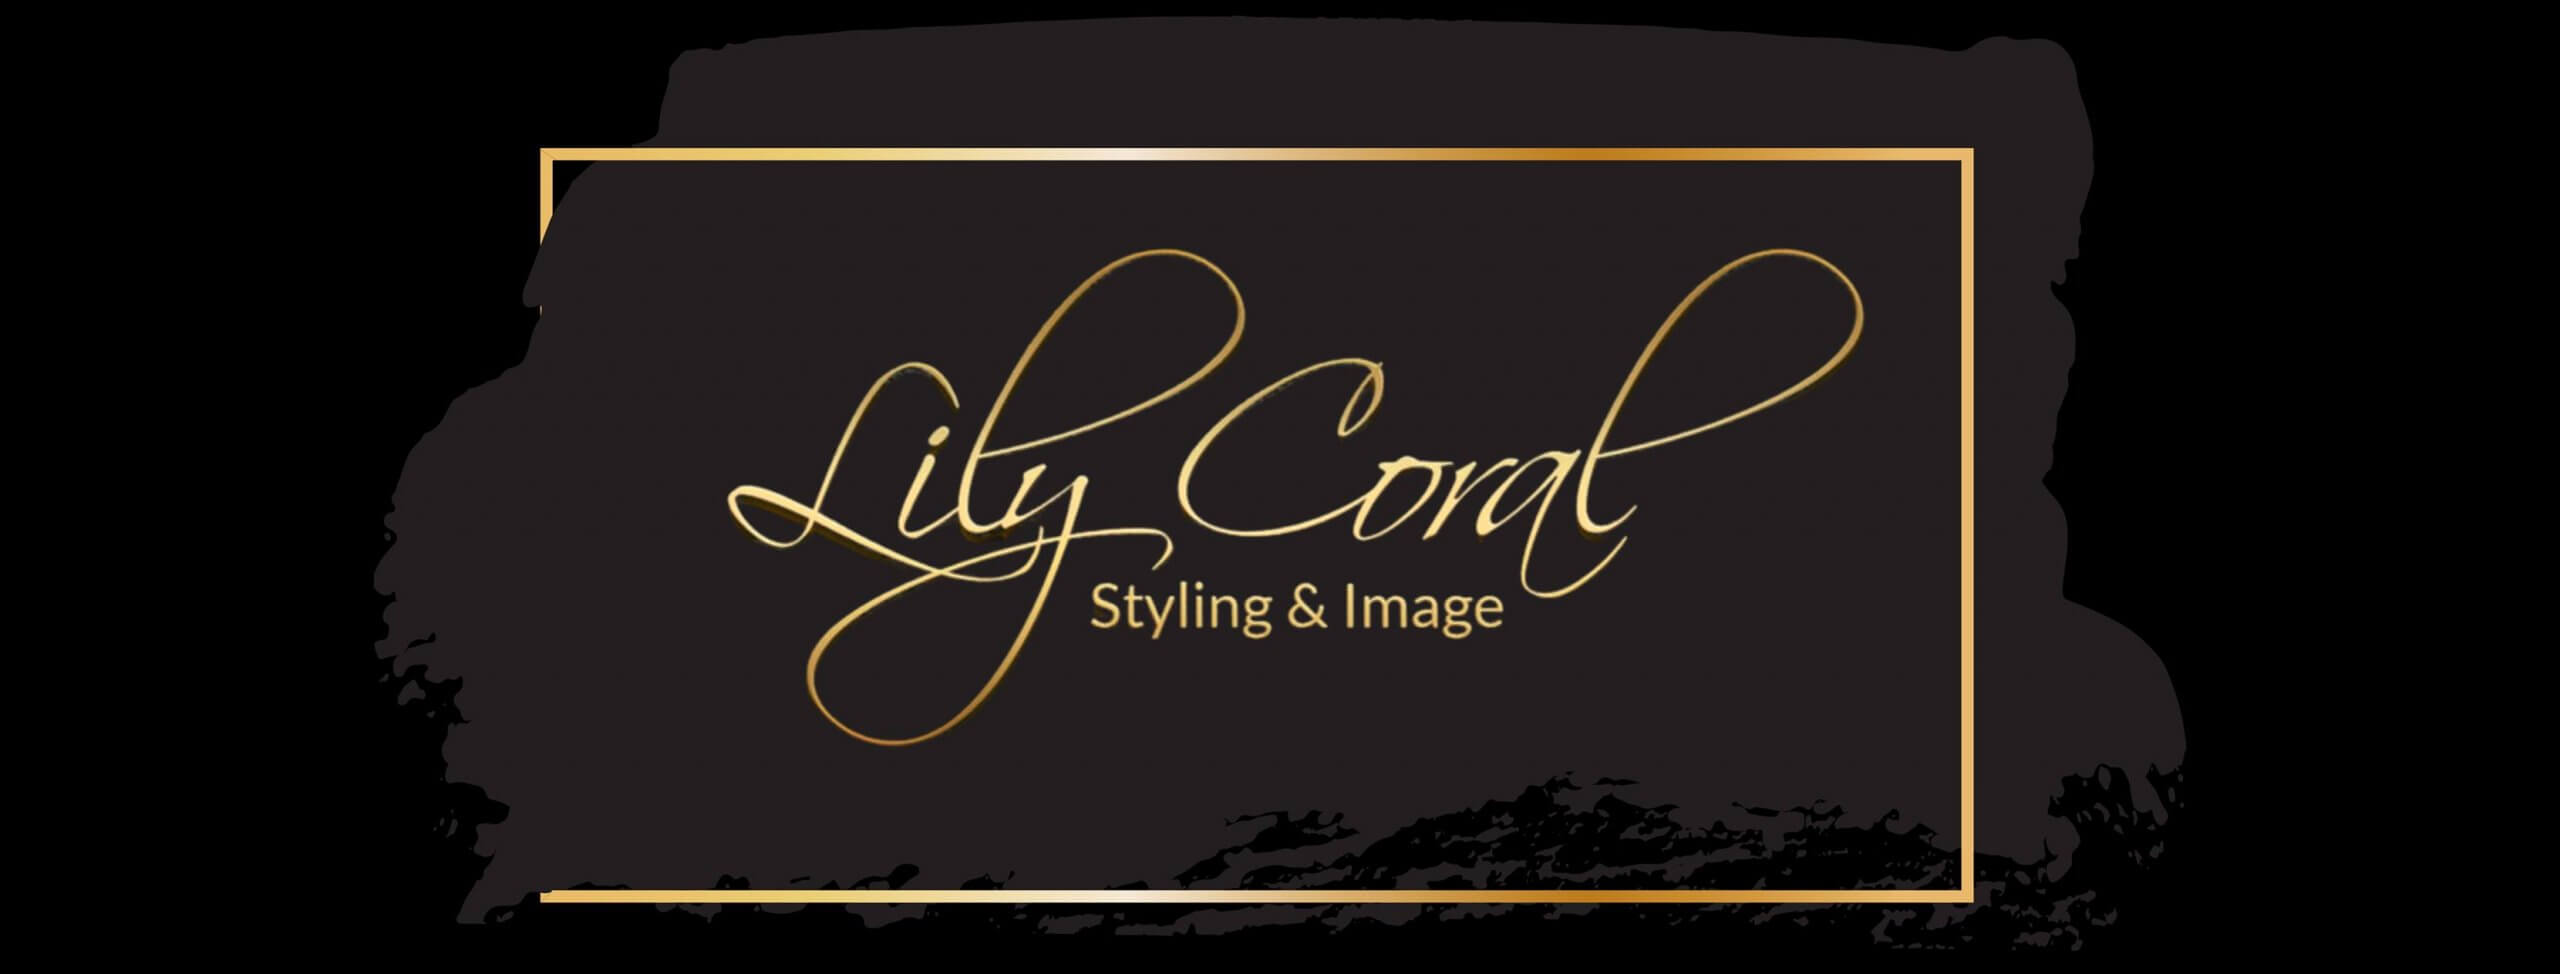 סטיילינג אישי והכשרה מקצועית | לילי קורל